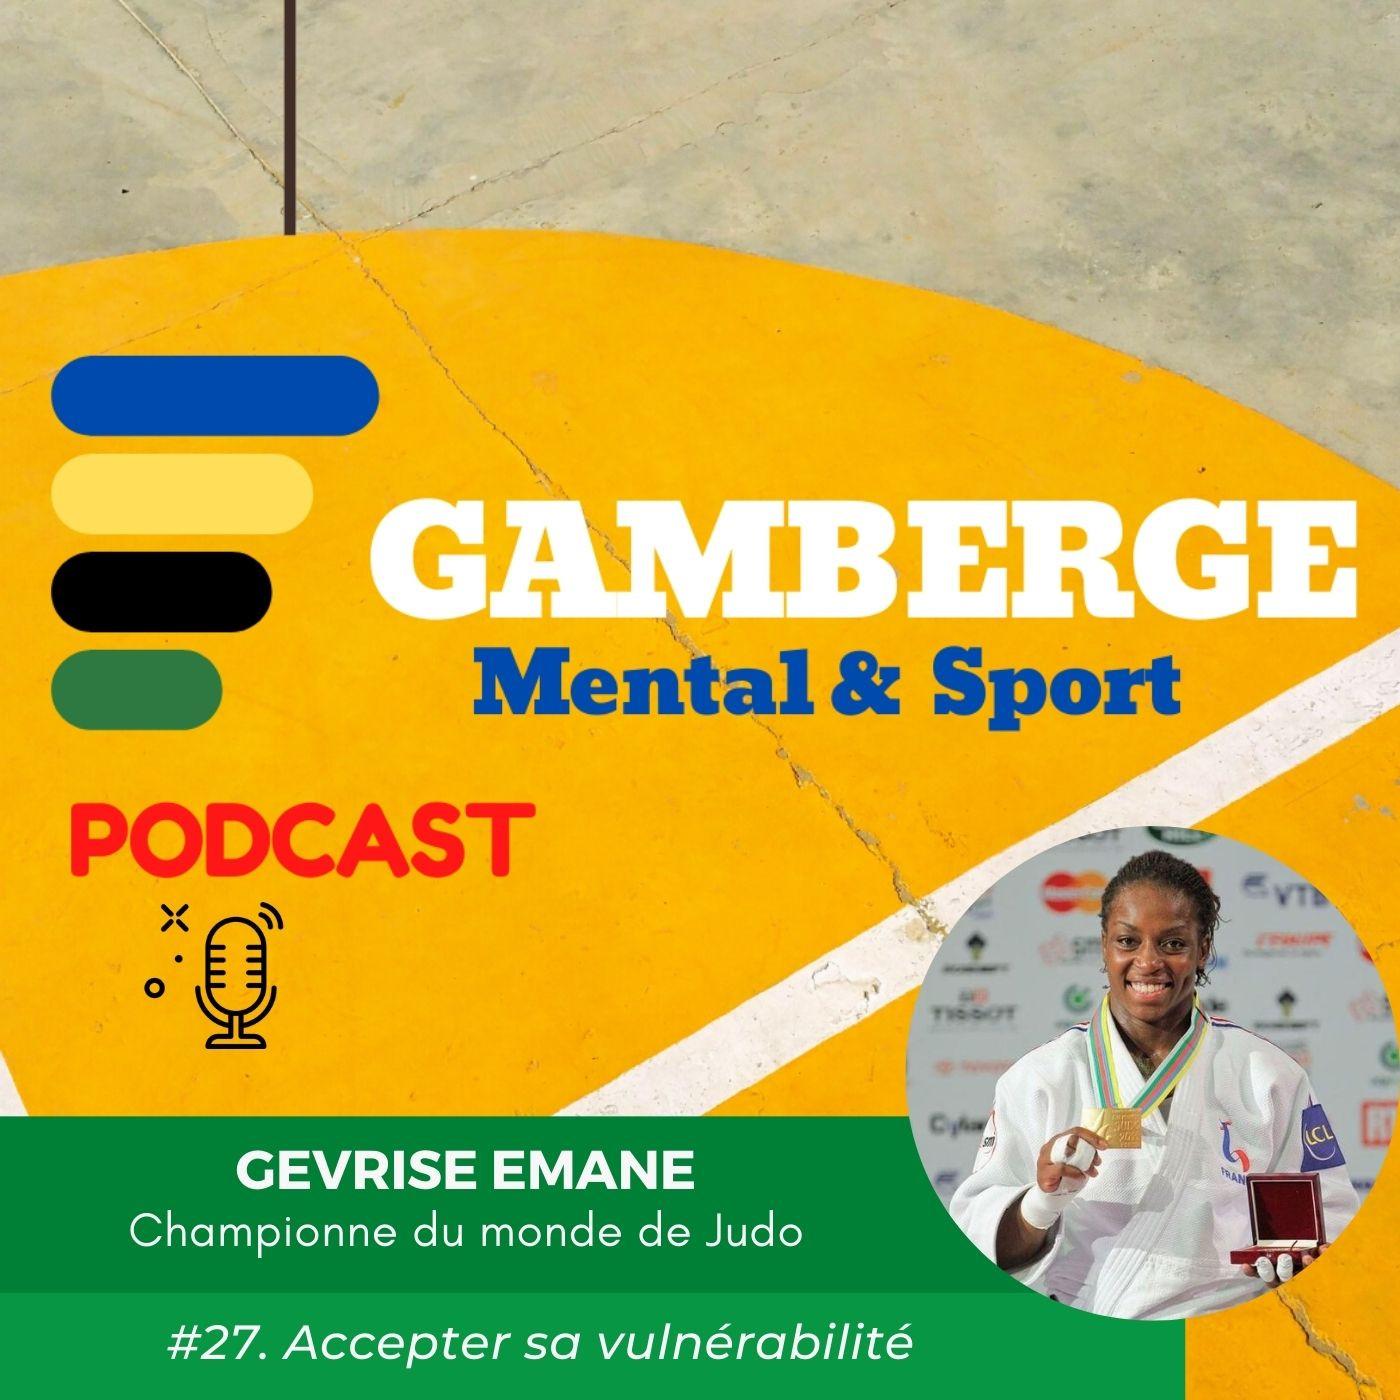 #27. Gévrise Emane: Accepter sa vulnérabilité